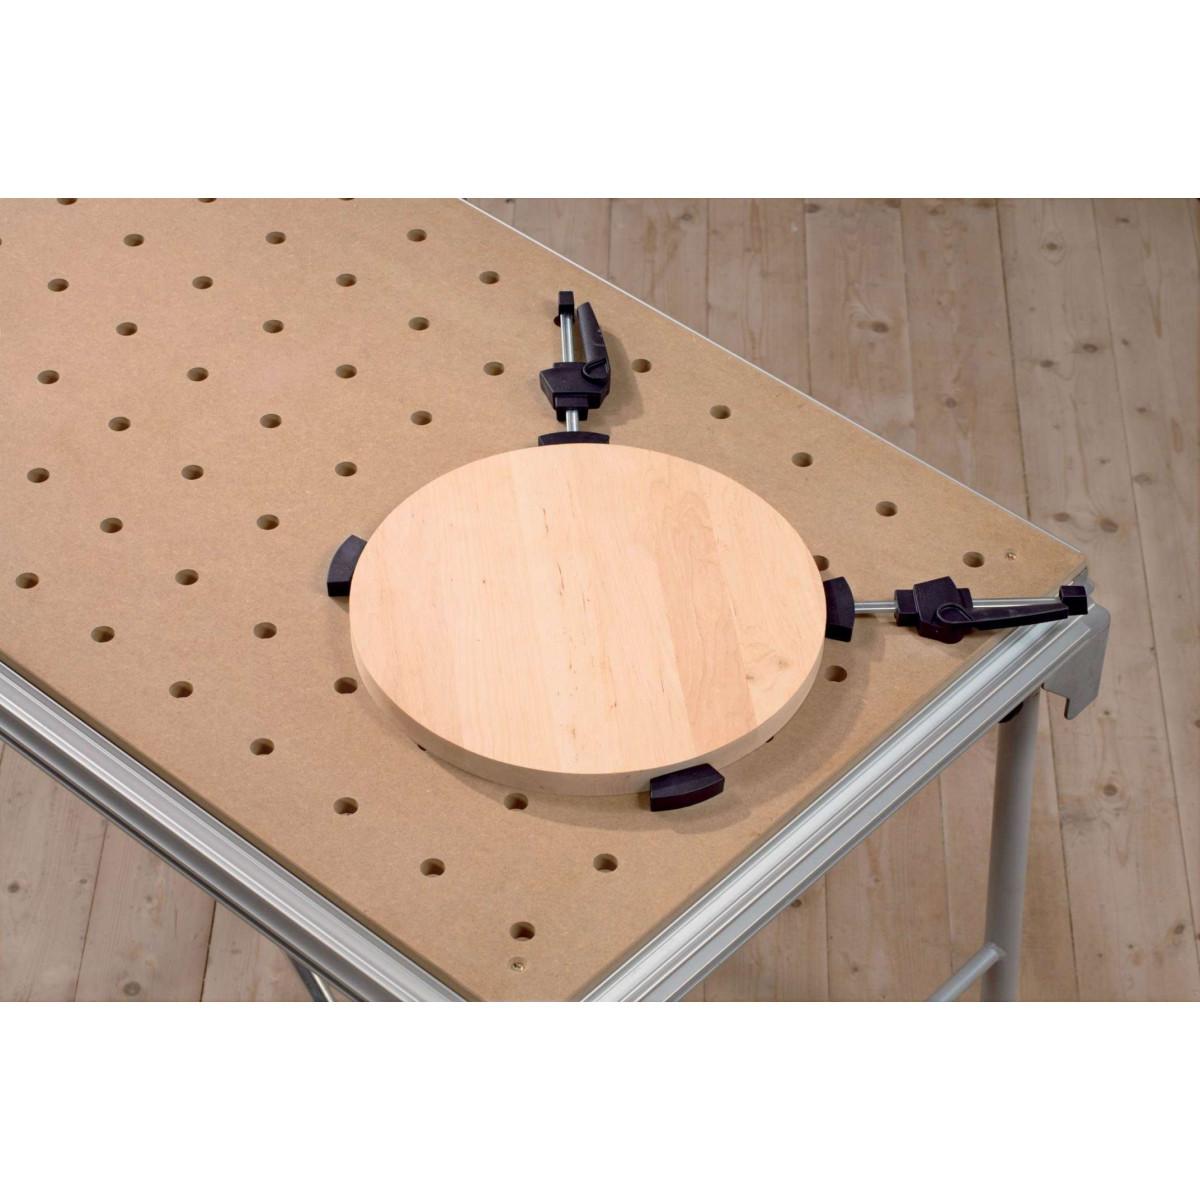 Festool FES-500608 MFT/3 Multifunction Table Basic